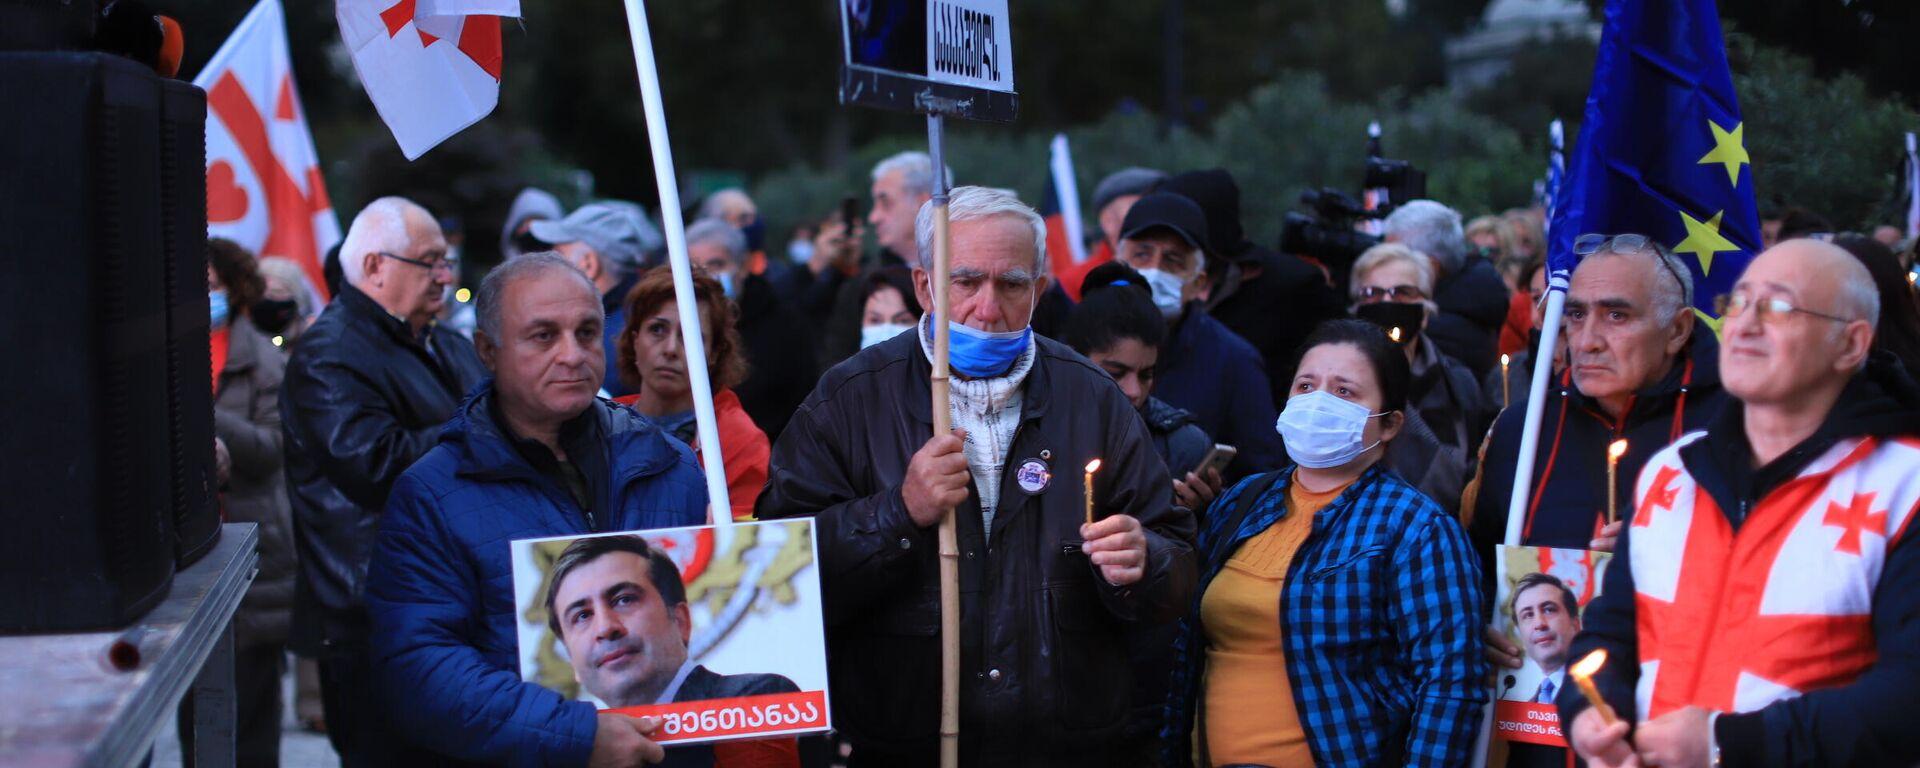 Акция протеста сторонников Саакашвили. Люди в масках с горящими свечами в руках - Sputnik საქართველო, 1920, 10.10.2021